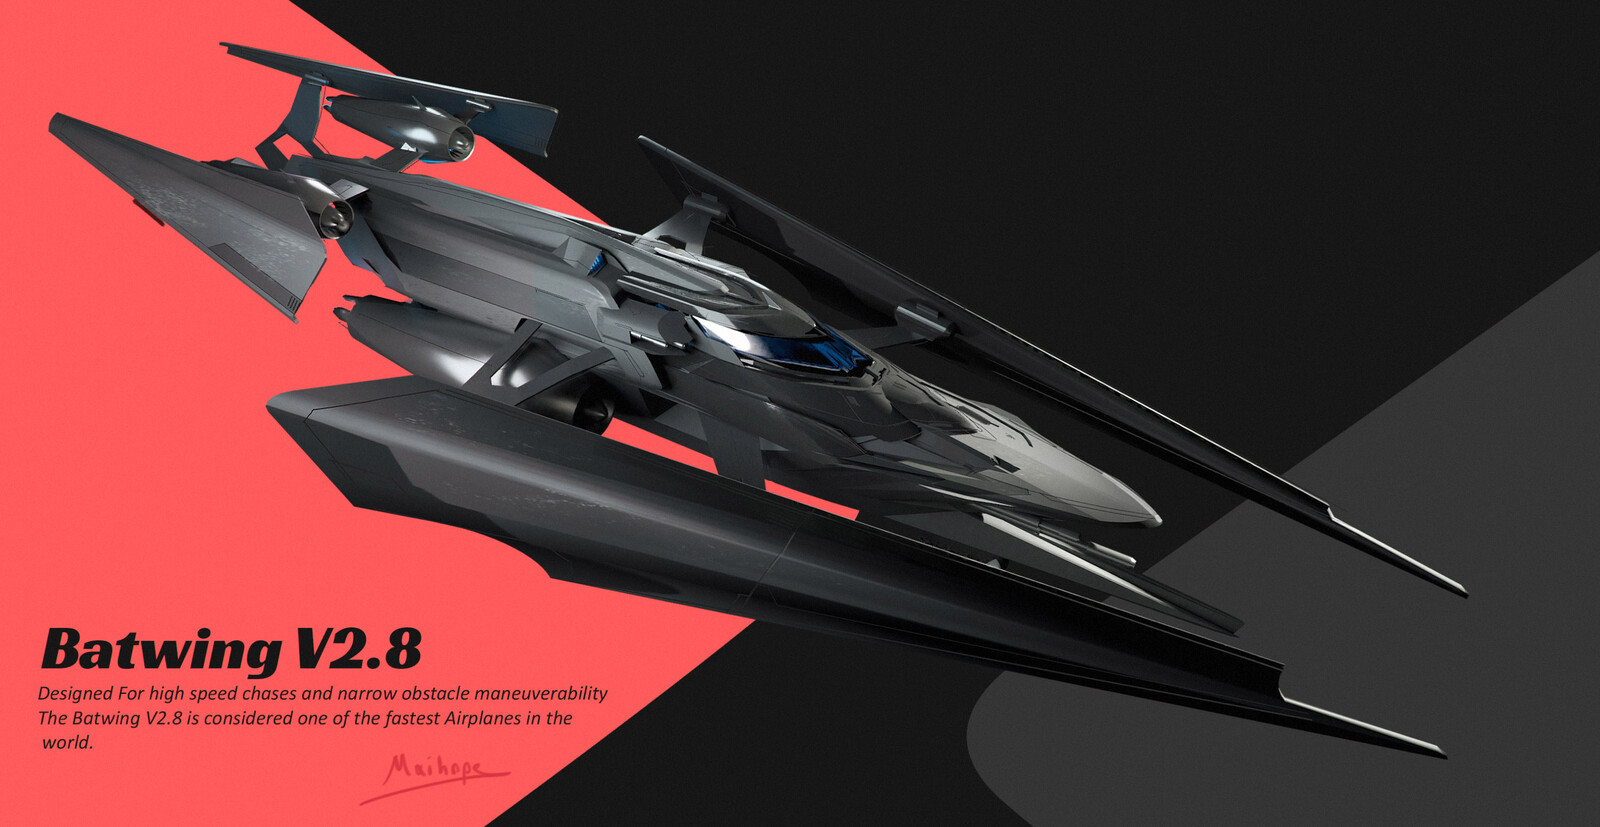 Batwing V2.8